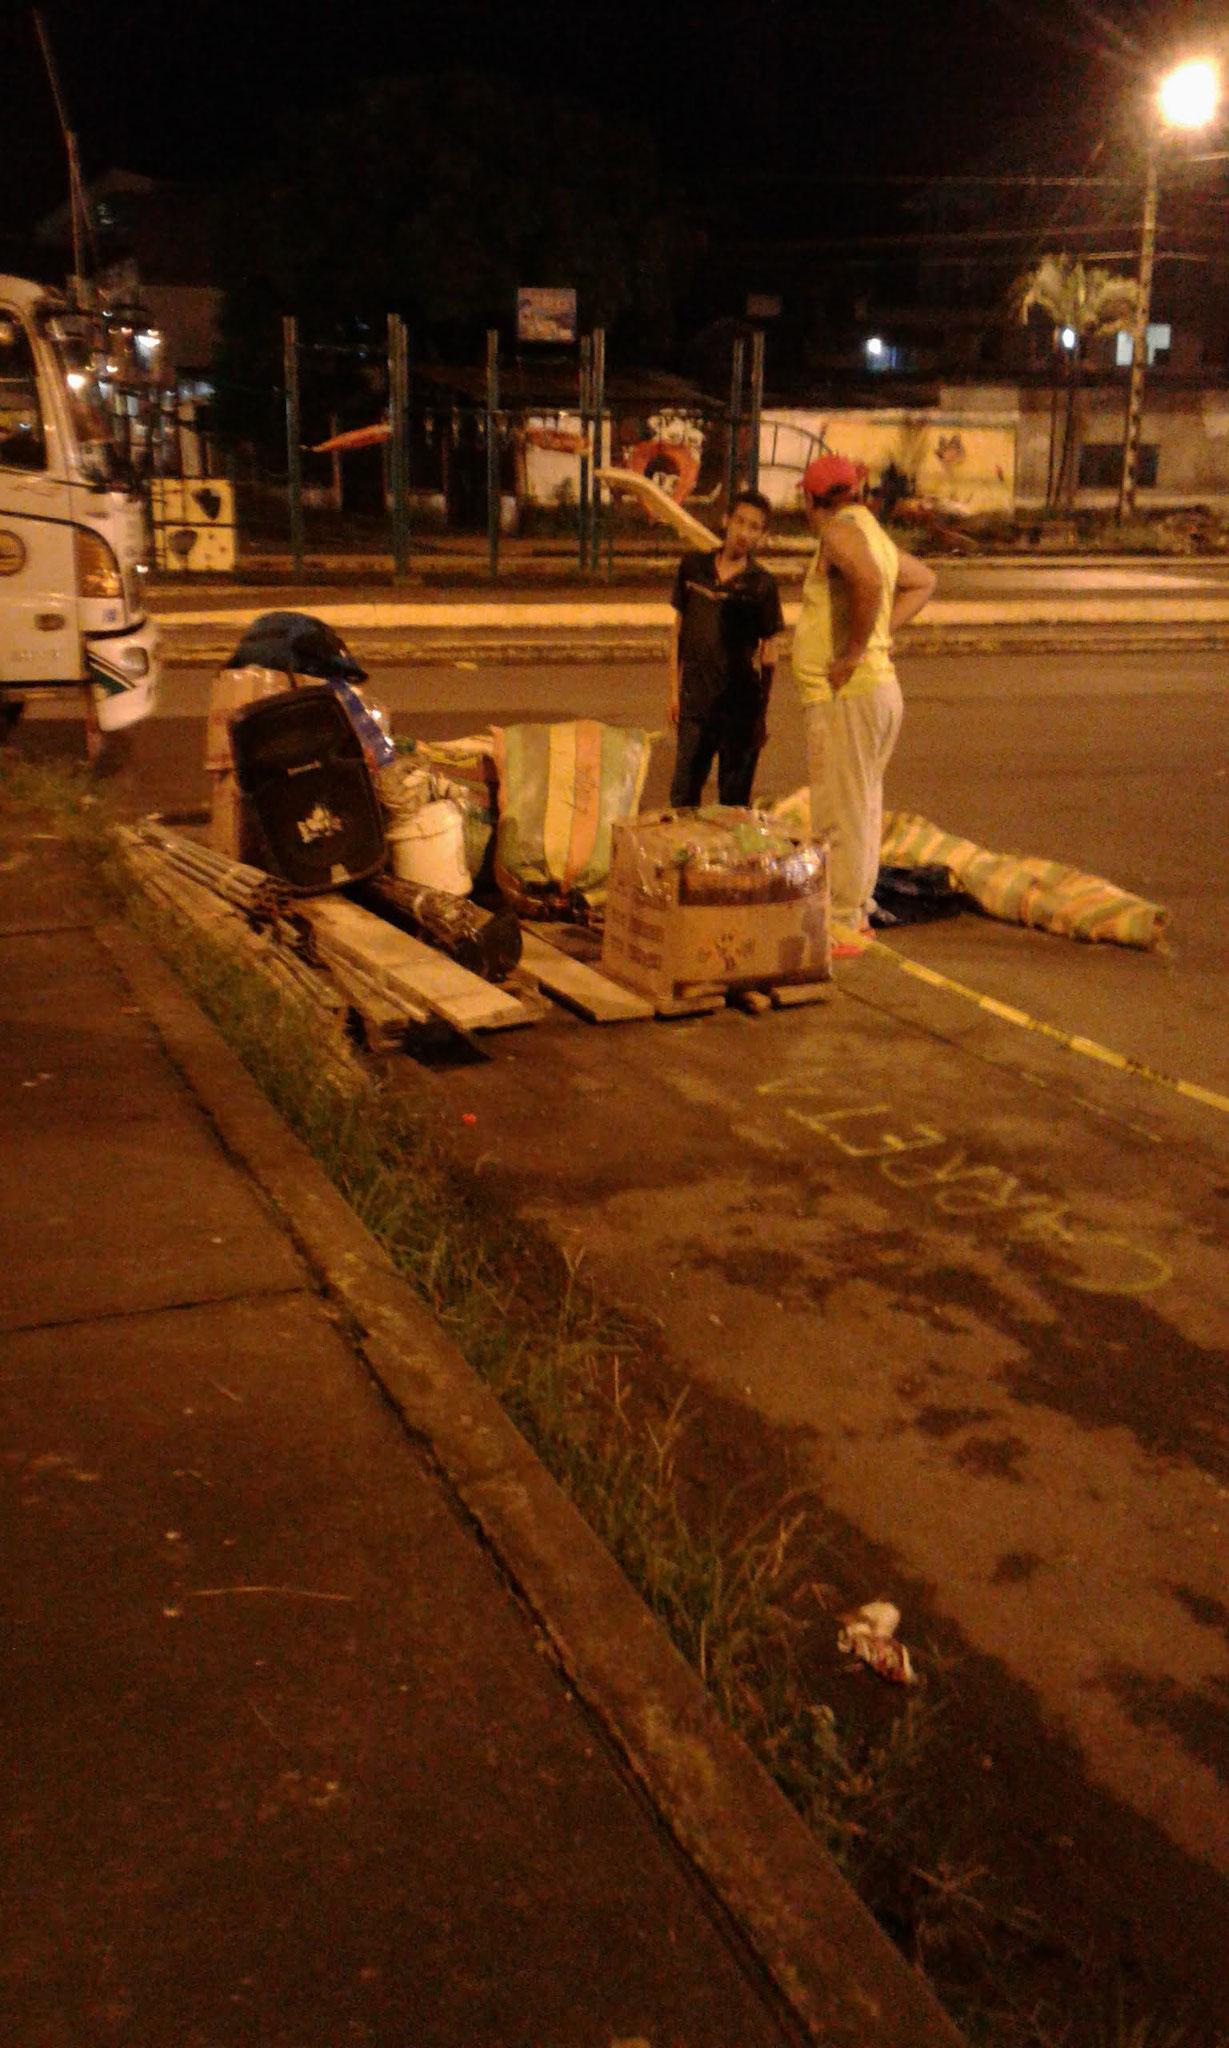 Nachtaktion: Händler belagern unseren Standplatz mit ihren Sachen